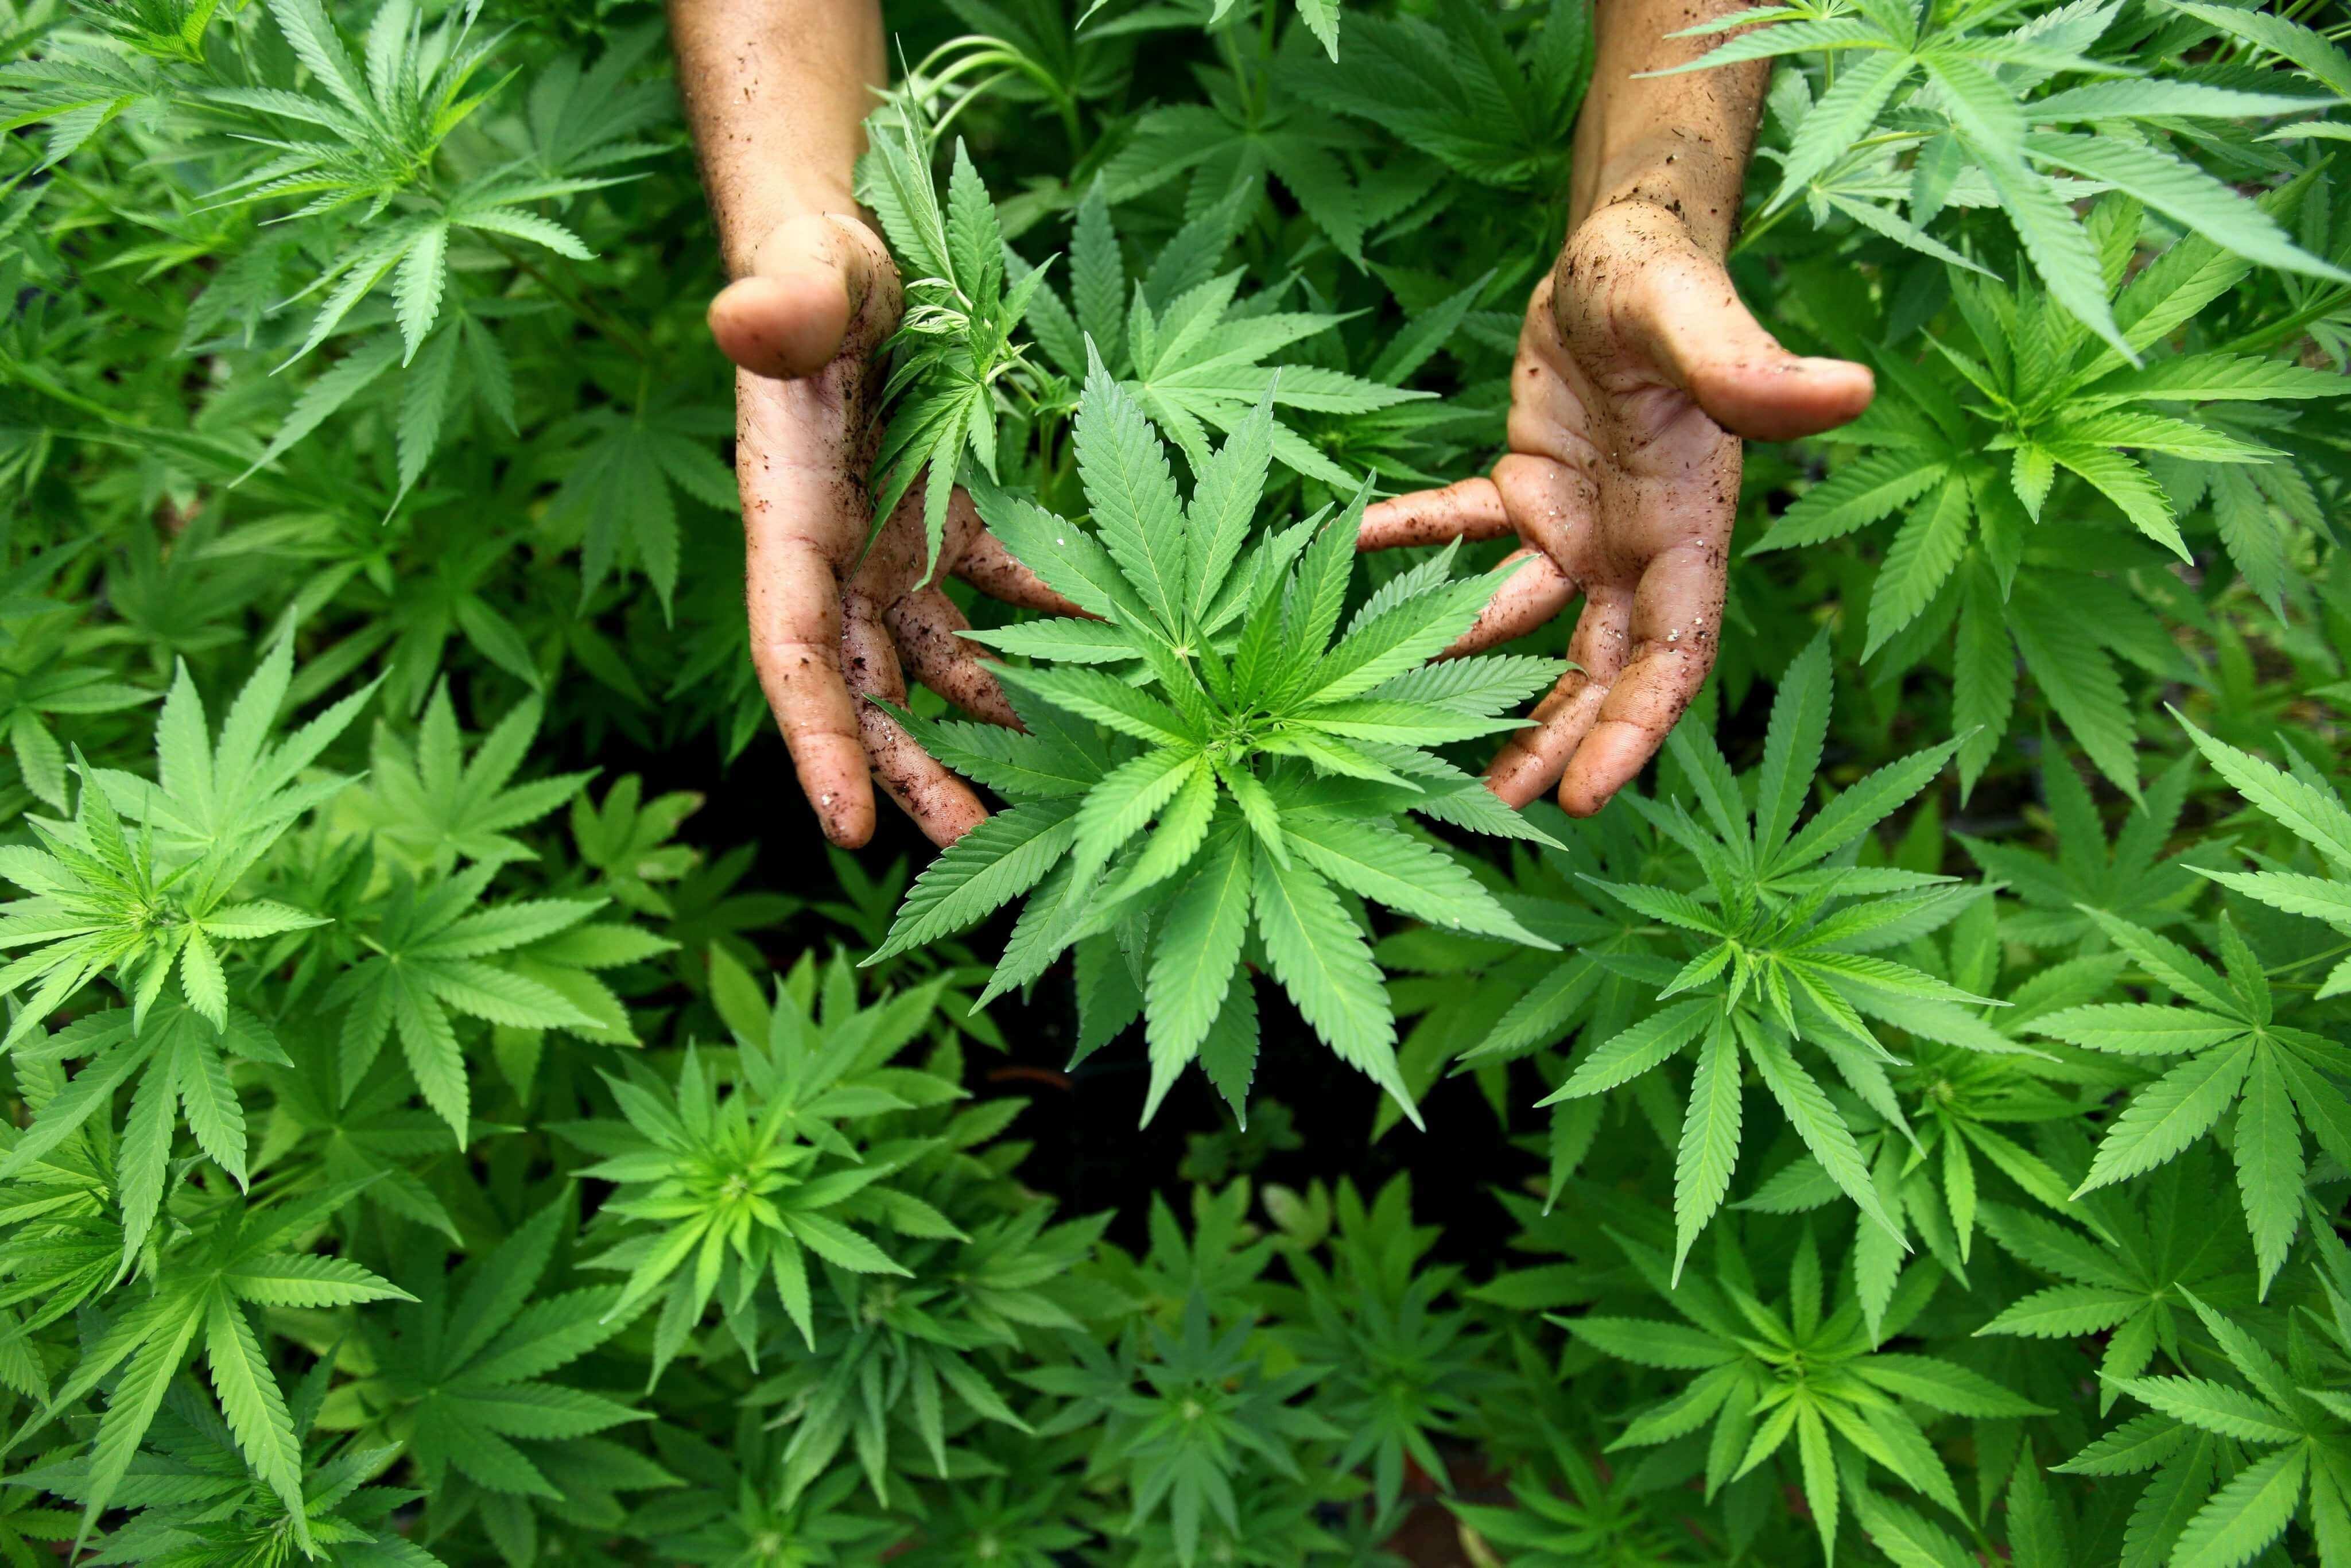 De Cannabis plant: liefhebber onder de wetenschappers